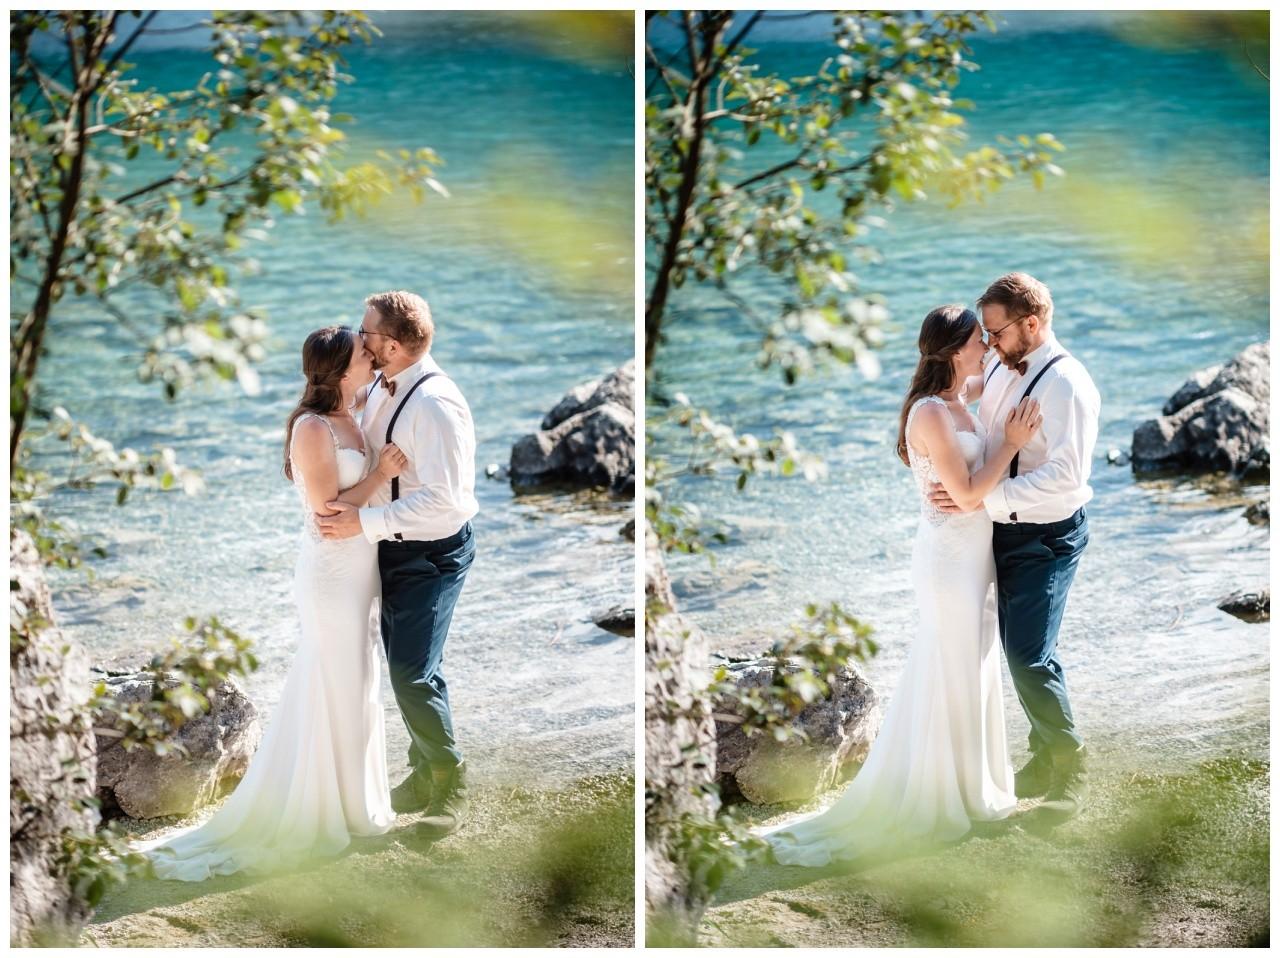 hochzeitsfoto eibsee zugspitze gamisch hochzeitsfotograf foto paarshooting 28 - Hochzeitsfotos am Eibsee